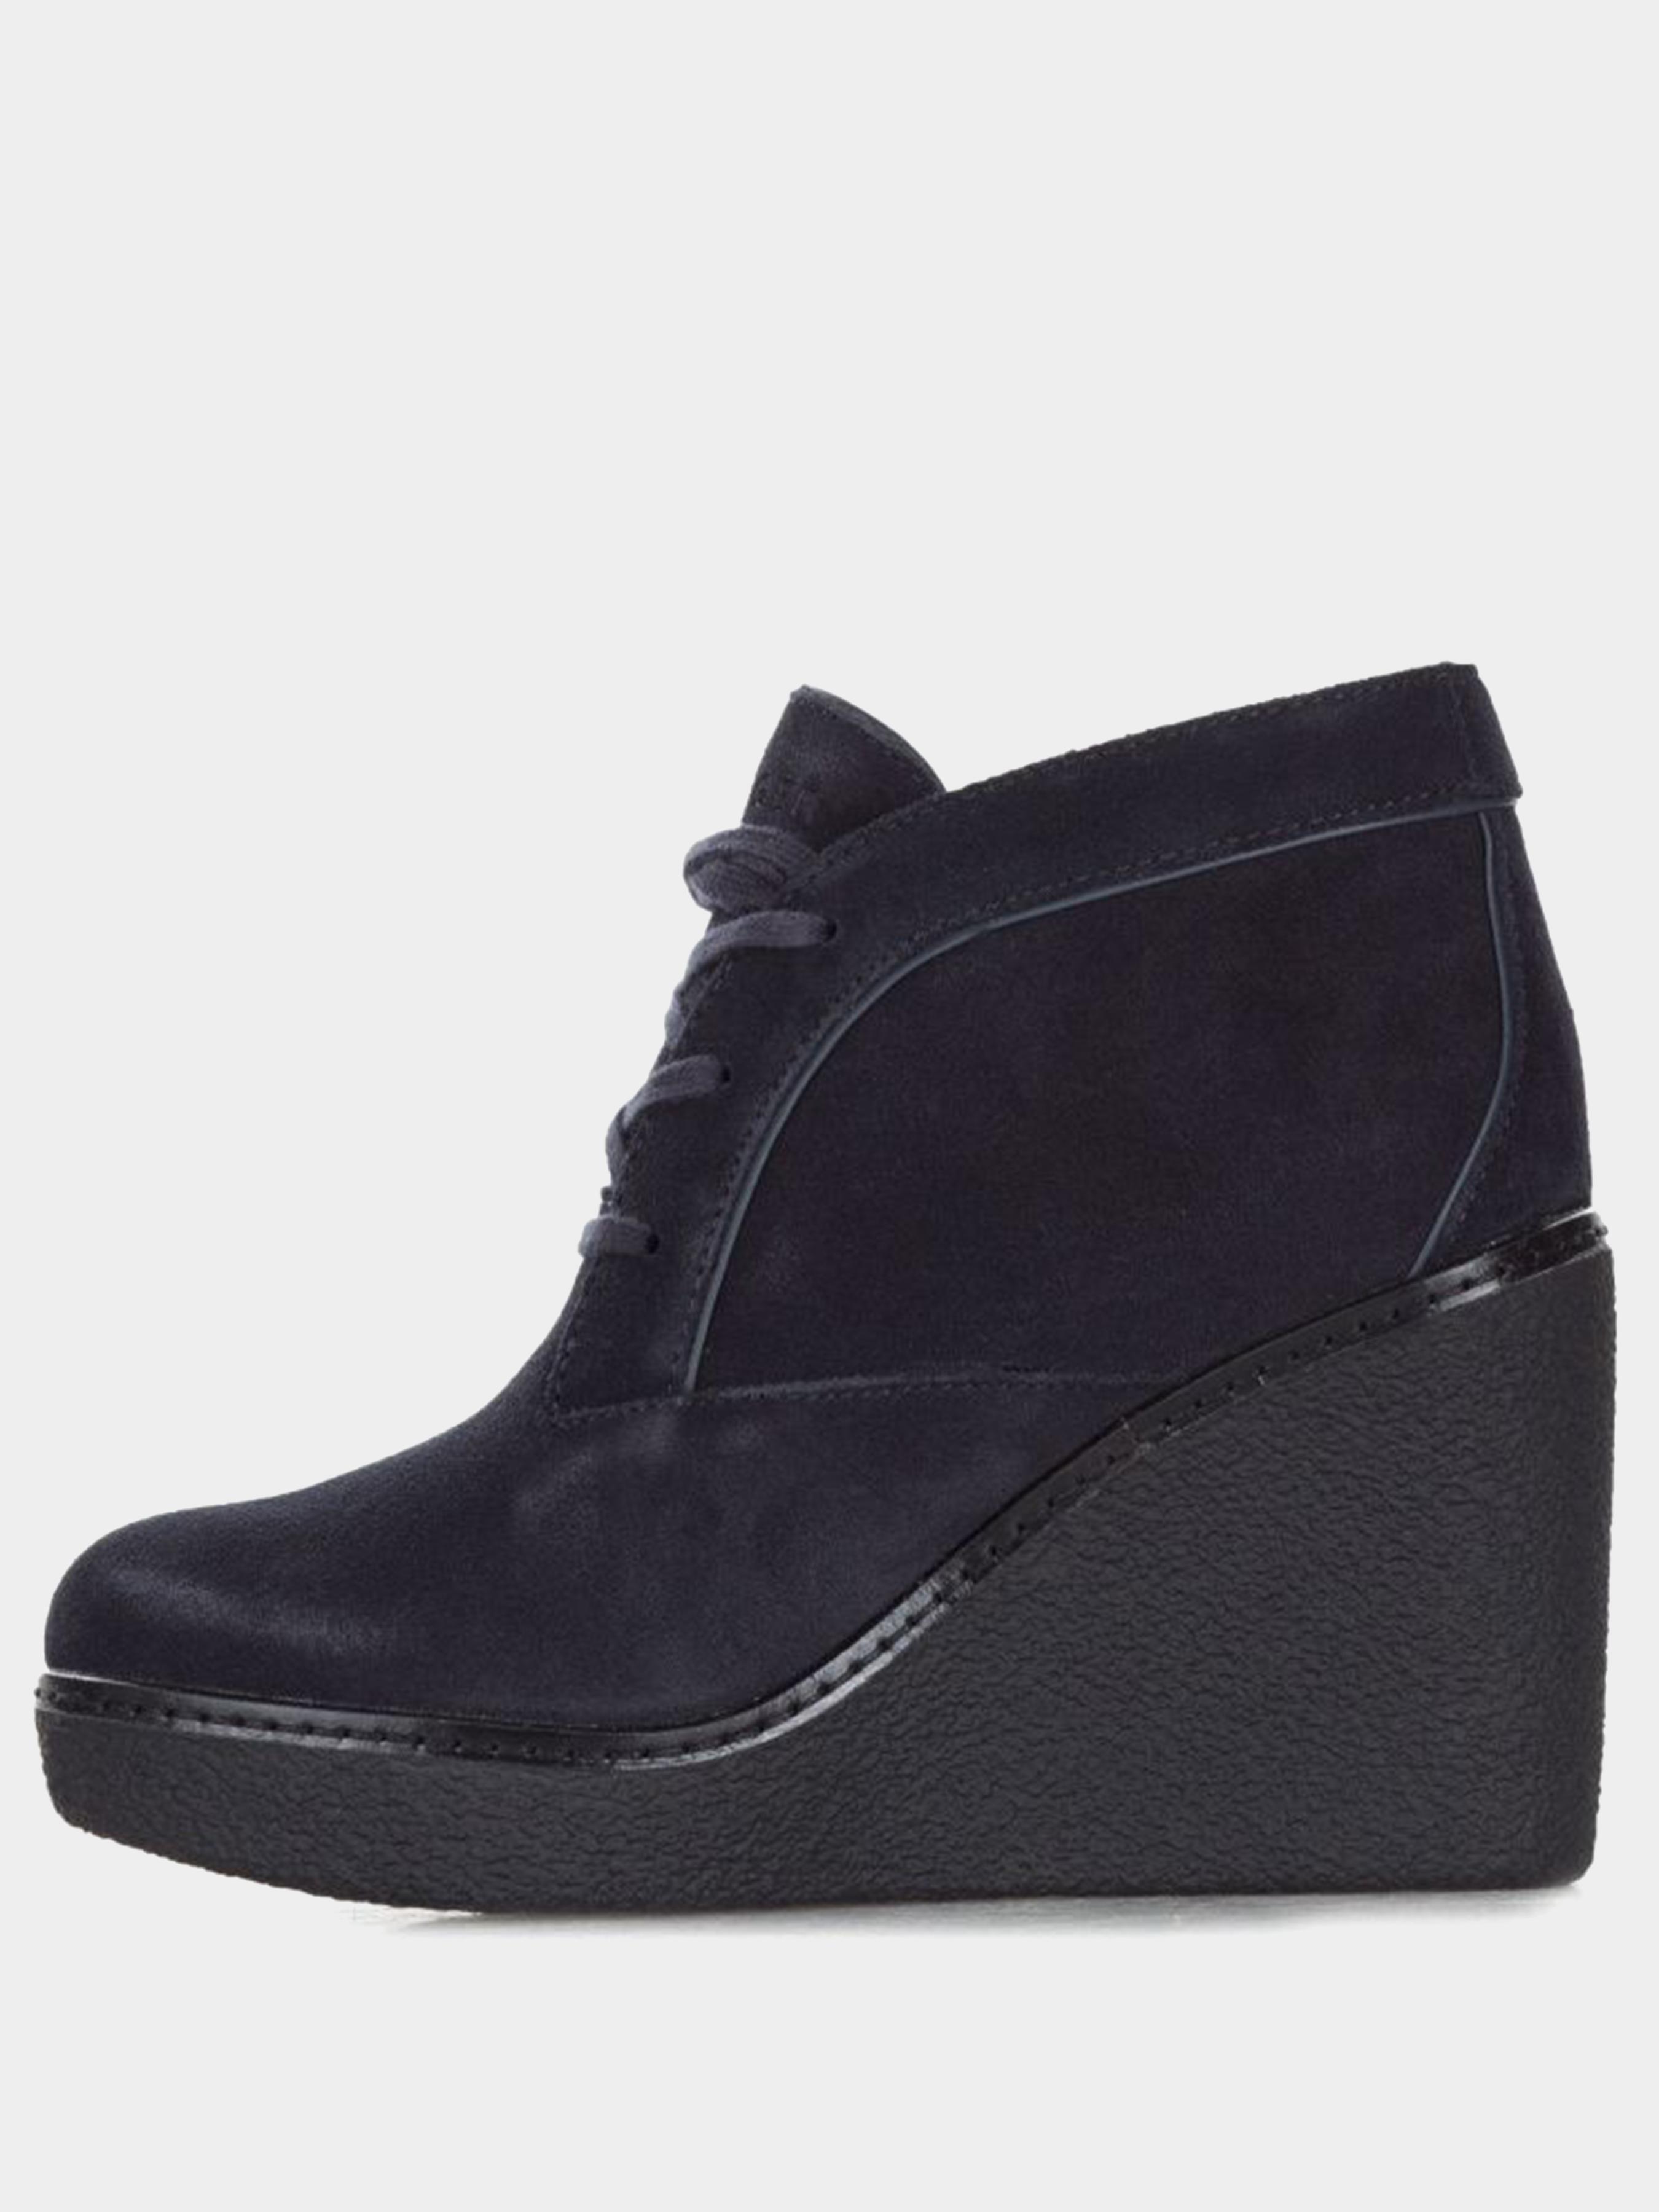 Ботинки женские Tommy Hilfiger TD1162 модная обувь, 2017